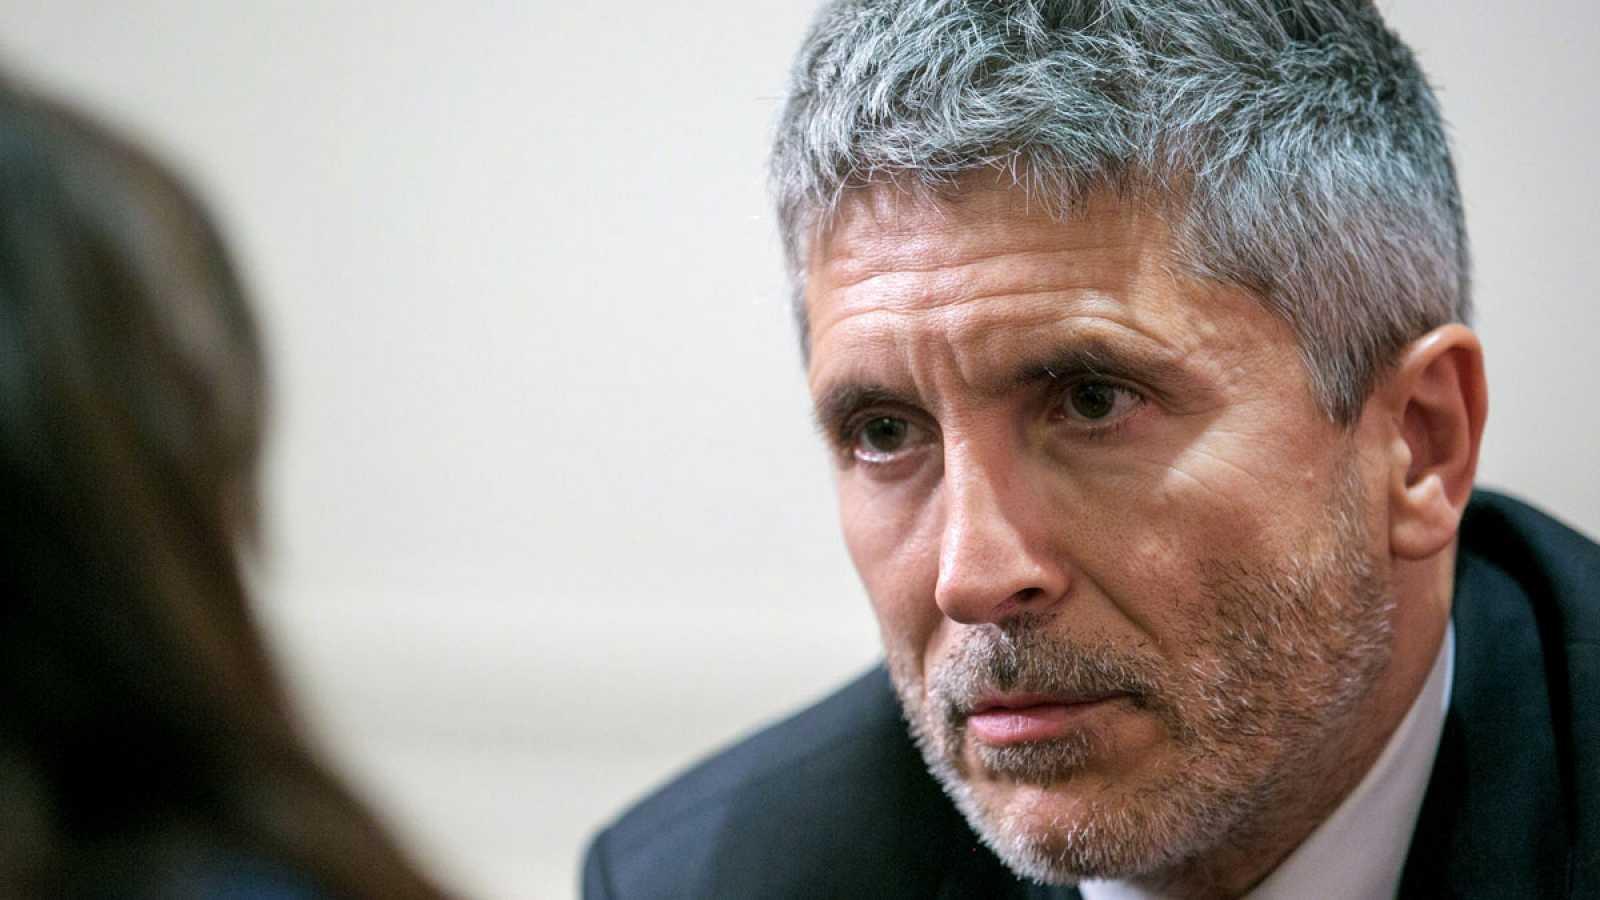 Grande-Marlaska, un juez sin miedo amenazado por ETA irá a Interior